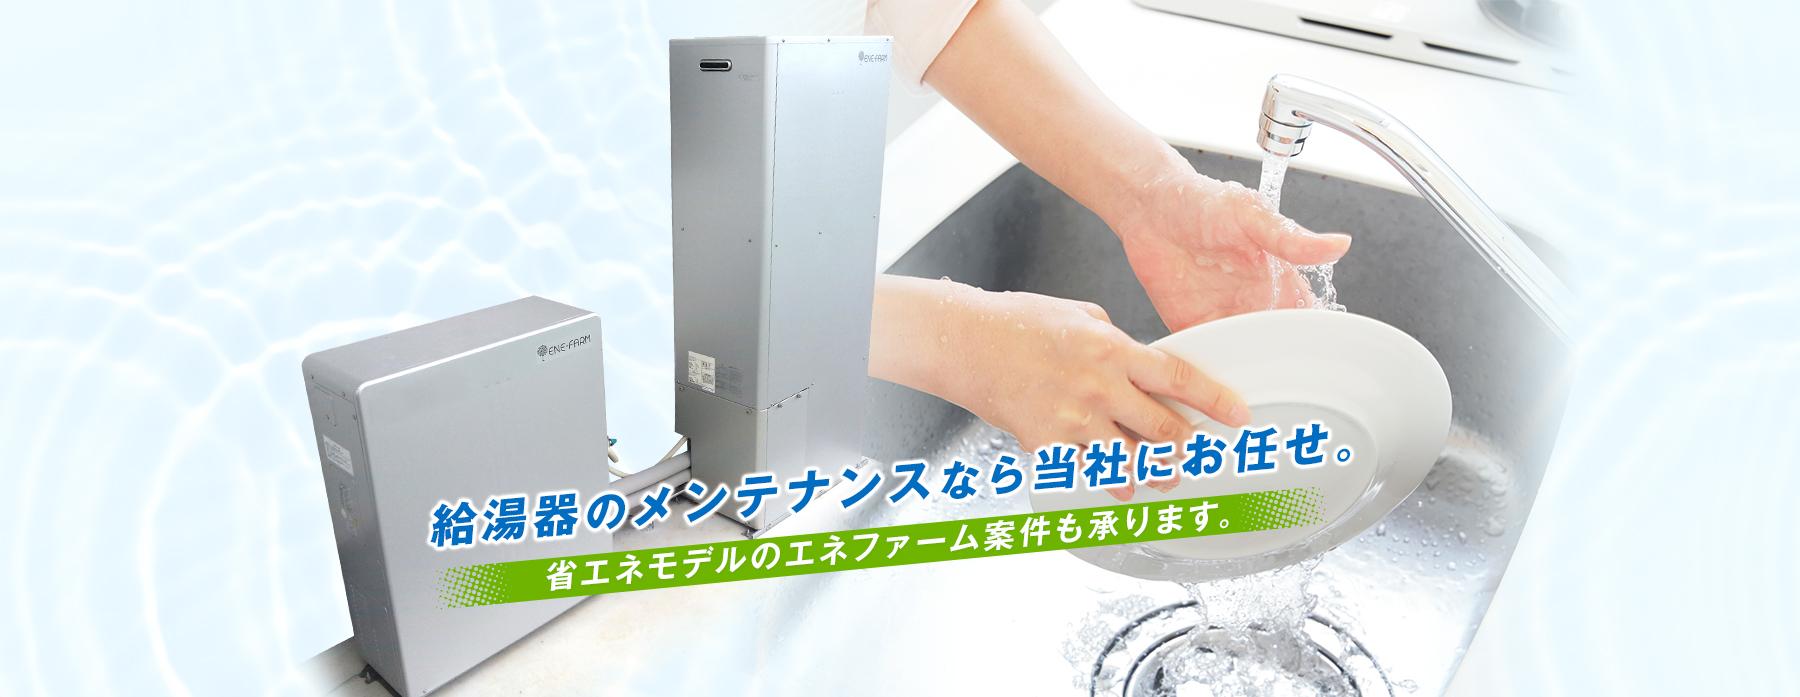 給湯器のメンテナンスなら当社にお任せ。 省エネモデルのエネファーム案件も承ります。